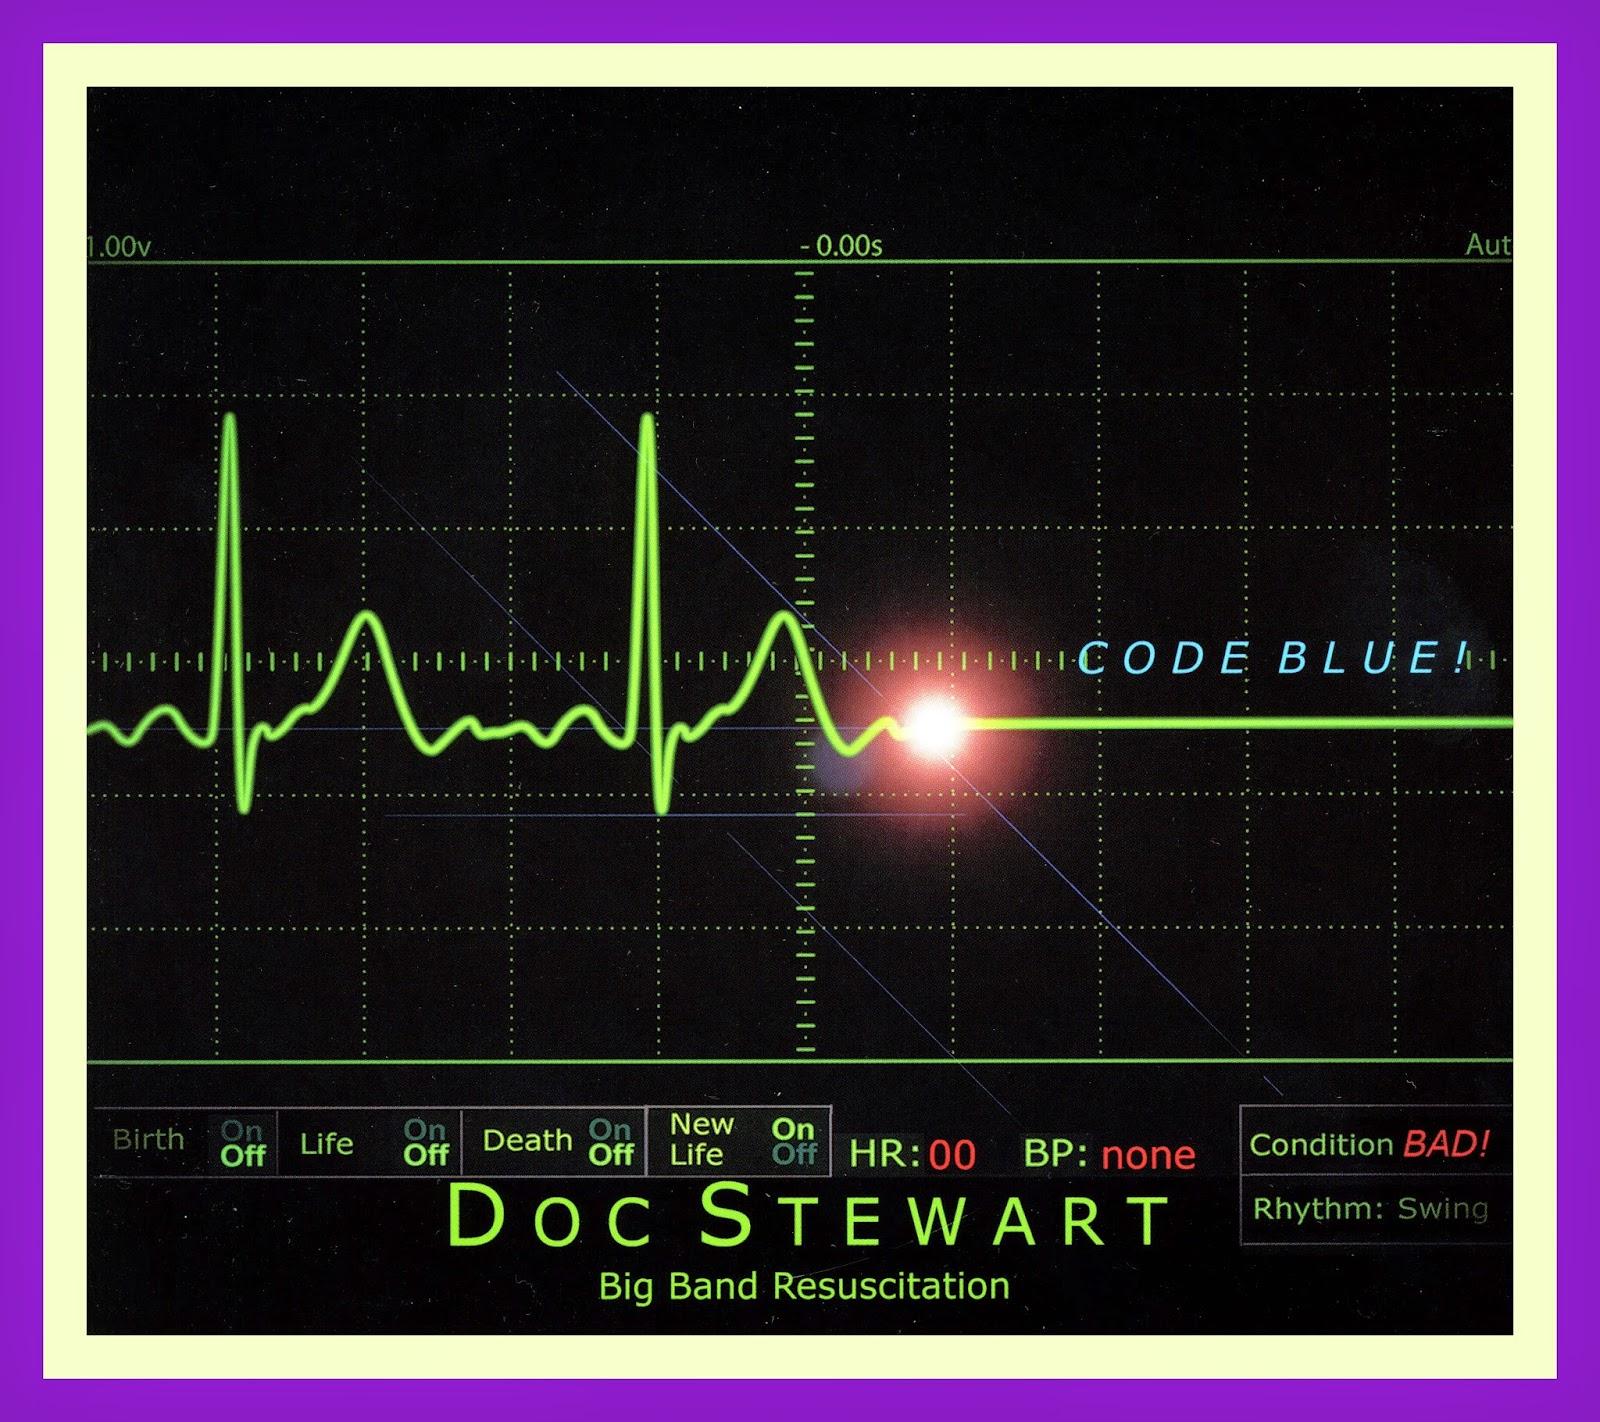 Code Blue Resuscitation Code Blue